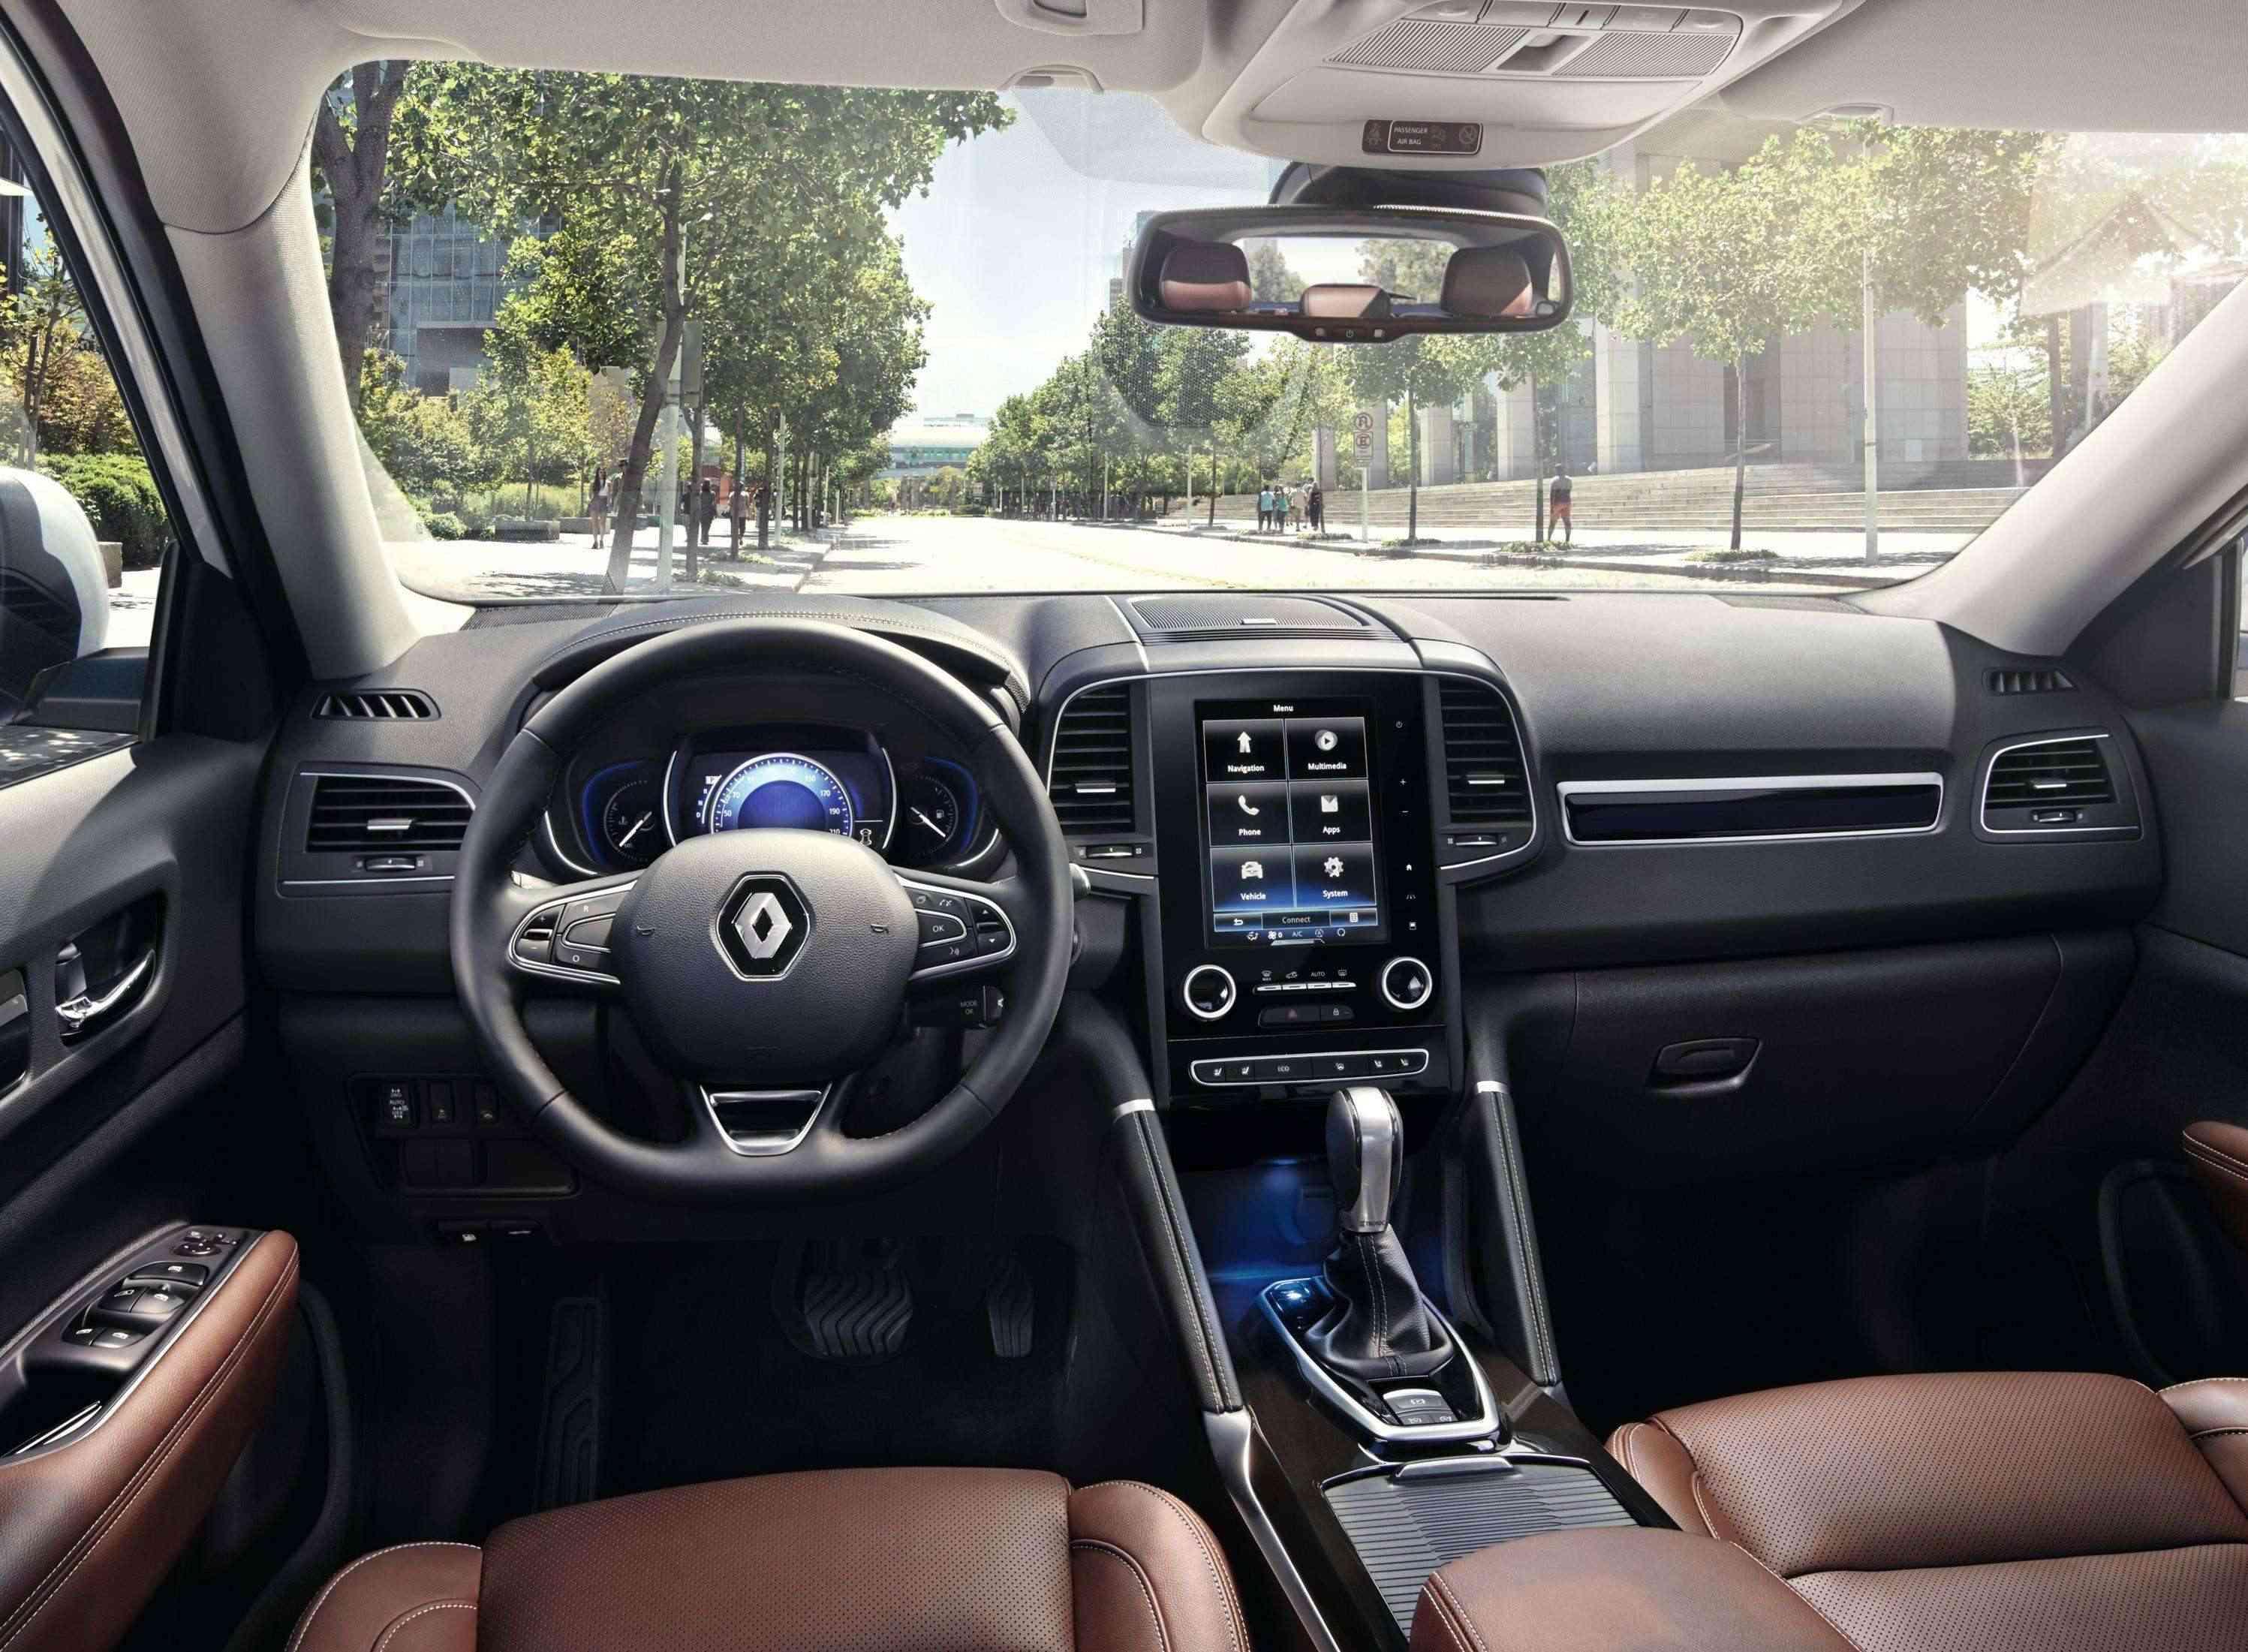 Renault_77504_global_en